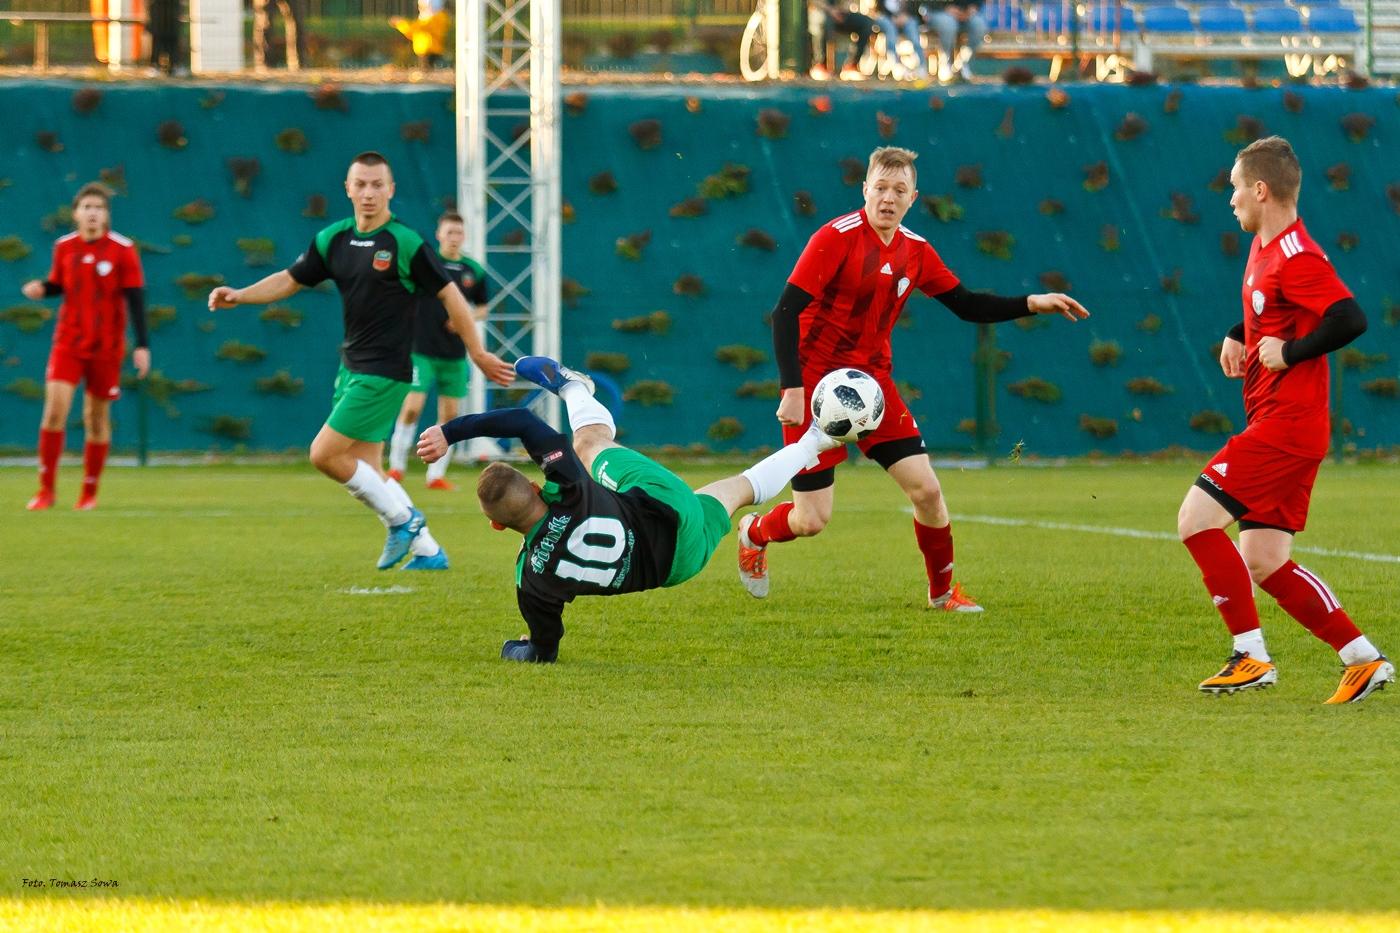 Sensacja w A klasie. Wiki Sanok przegrywa na własnym stadionie z Górnikiem Strachocina [FOTORELACJA] - Zdjęcie główne